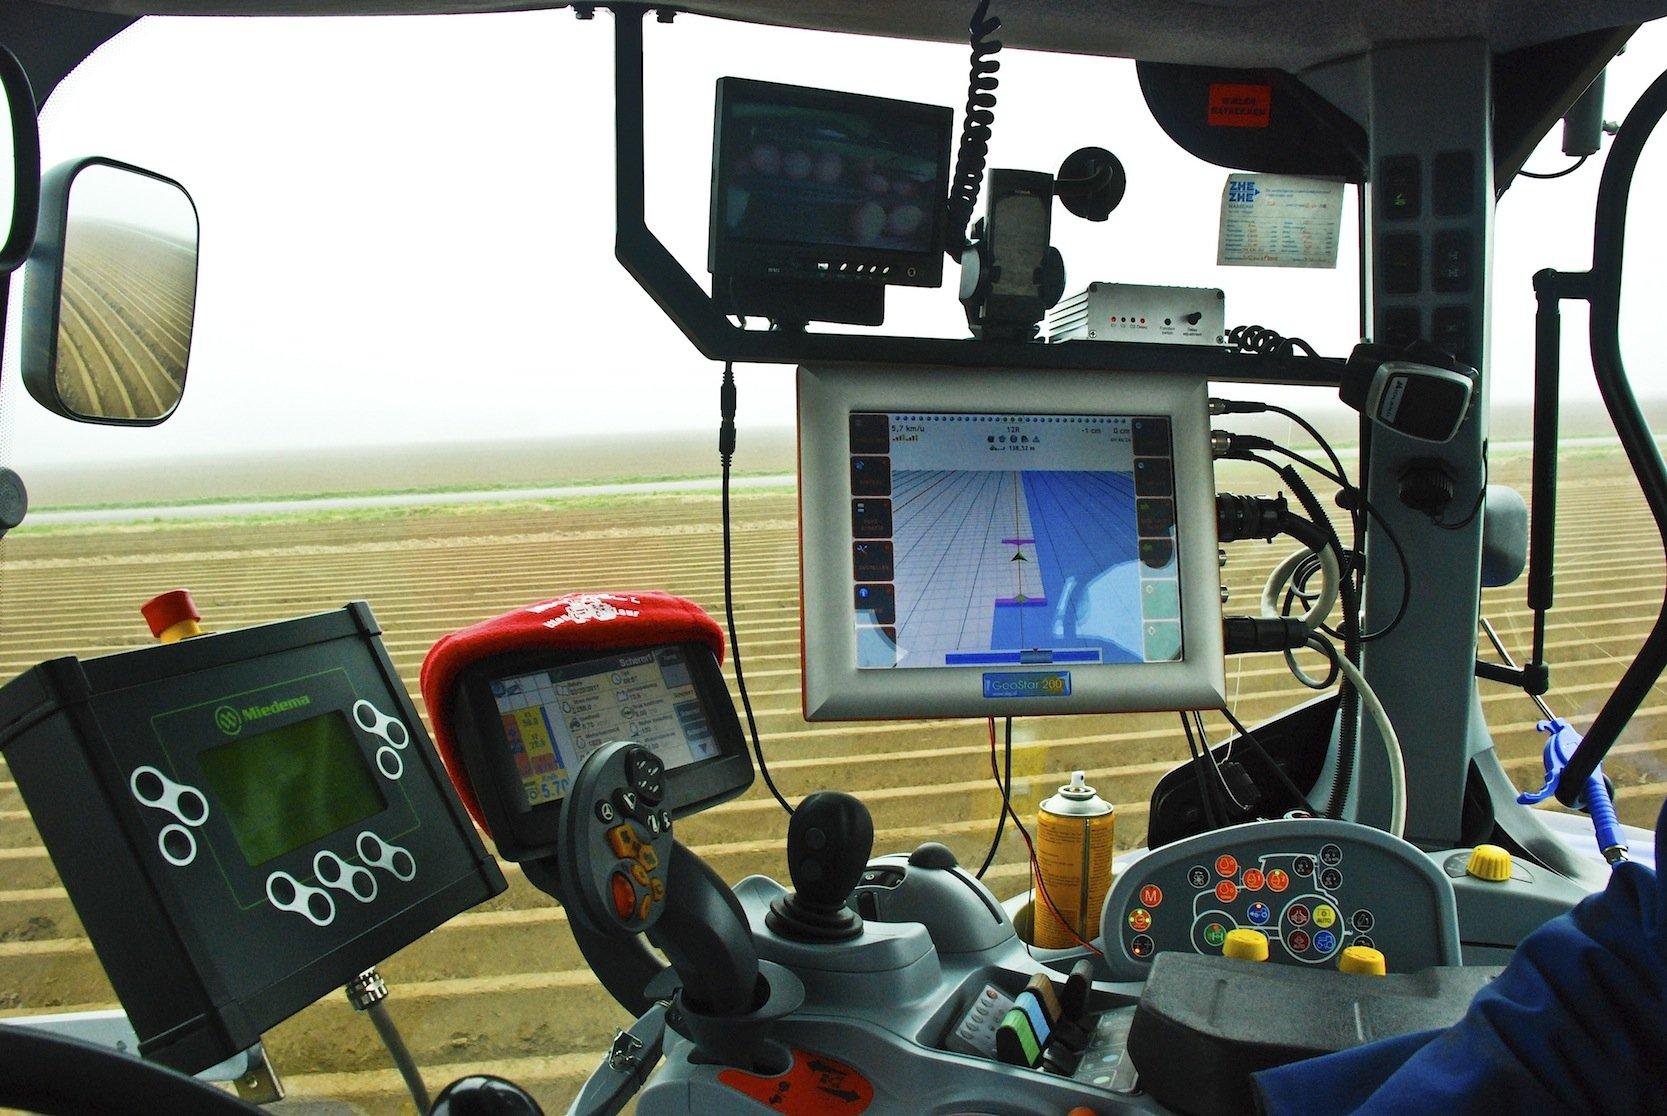 Traktor-Cockpit mit Displays: Künftig sollen Satellitendaten ein effizienteres Bearbeiten von Ackerflächen erlauben.